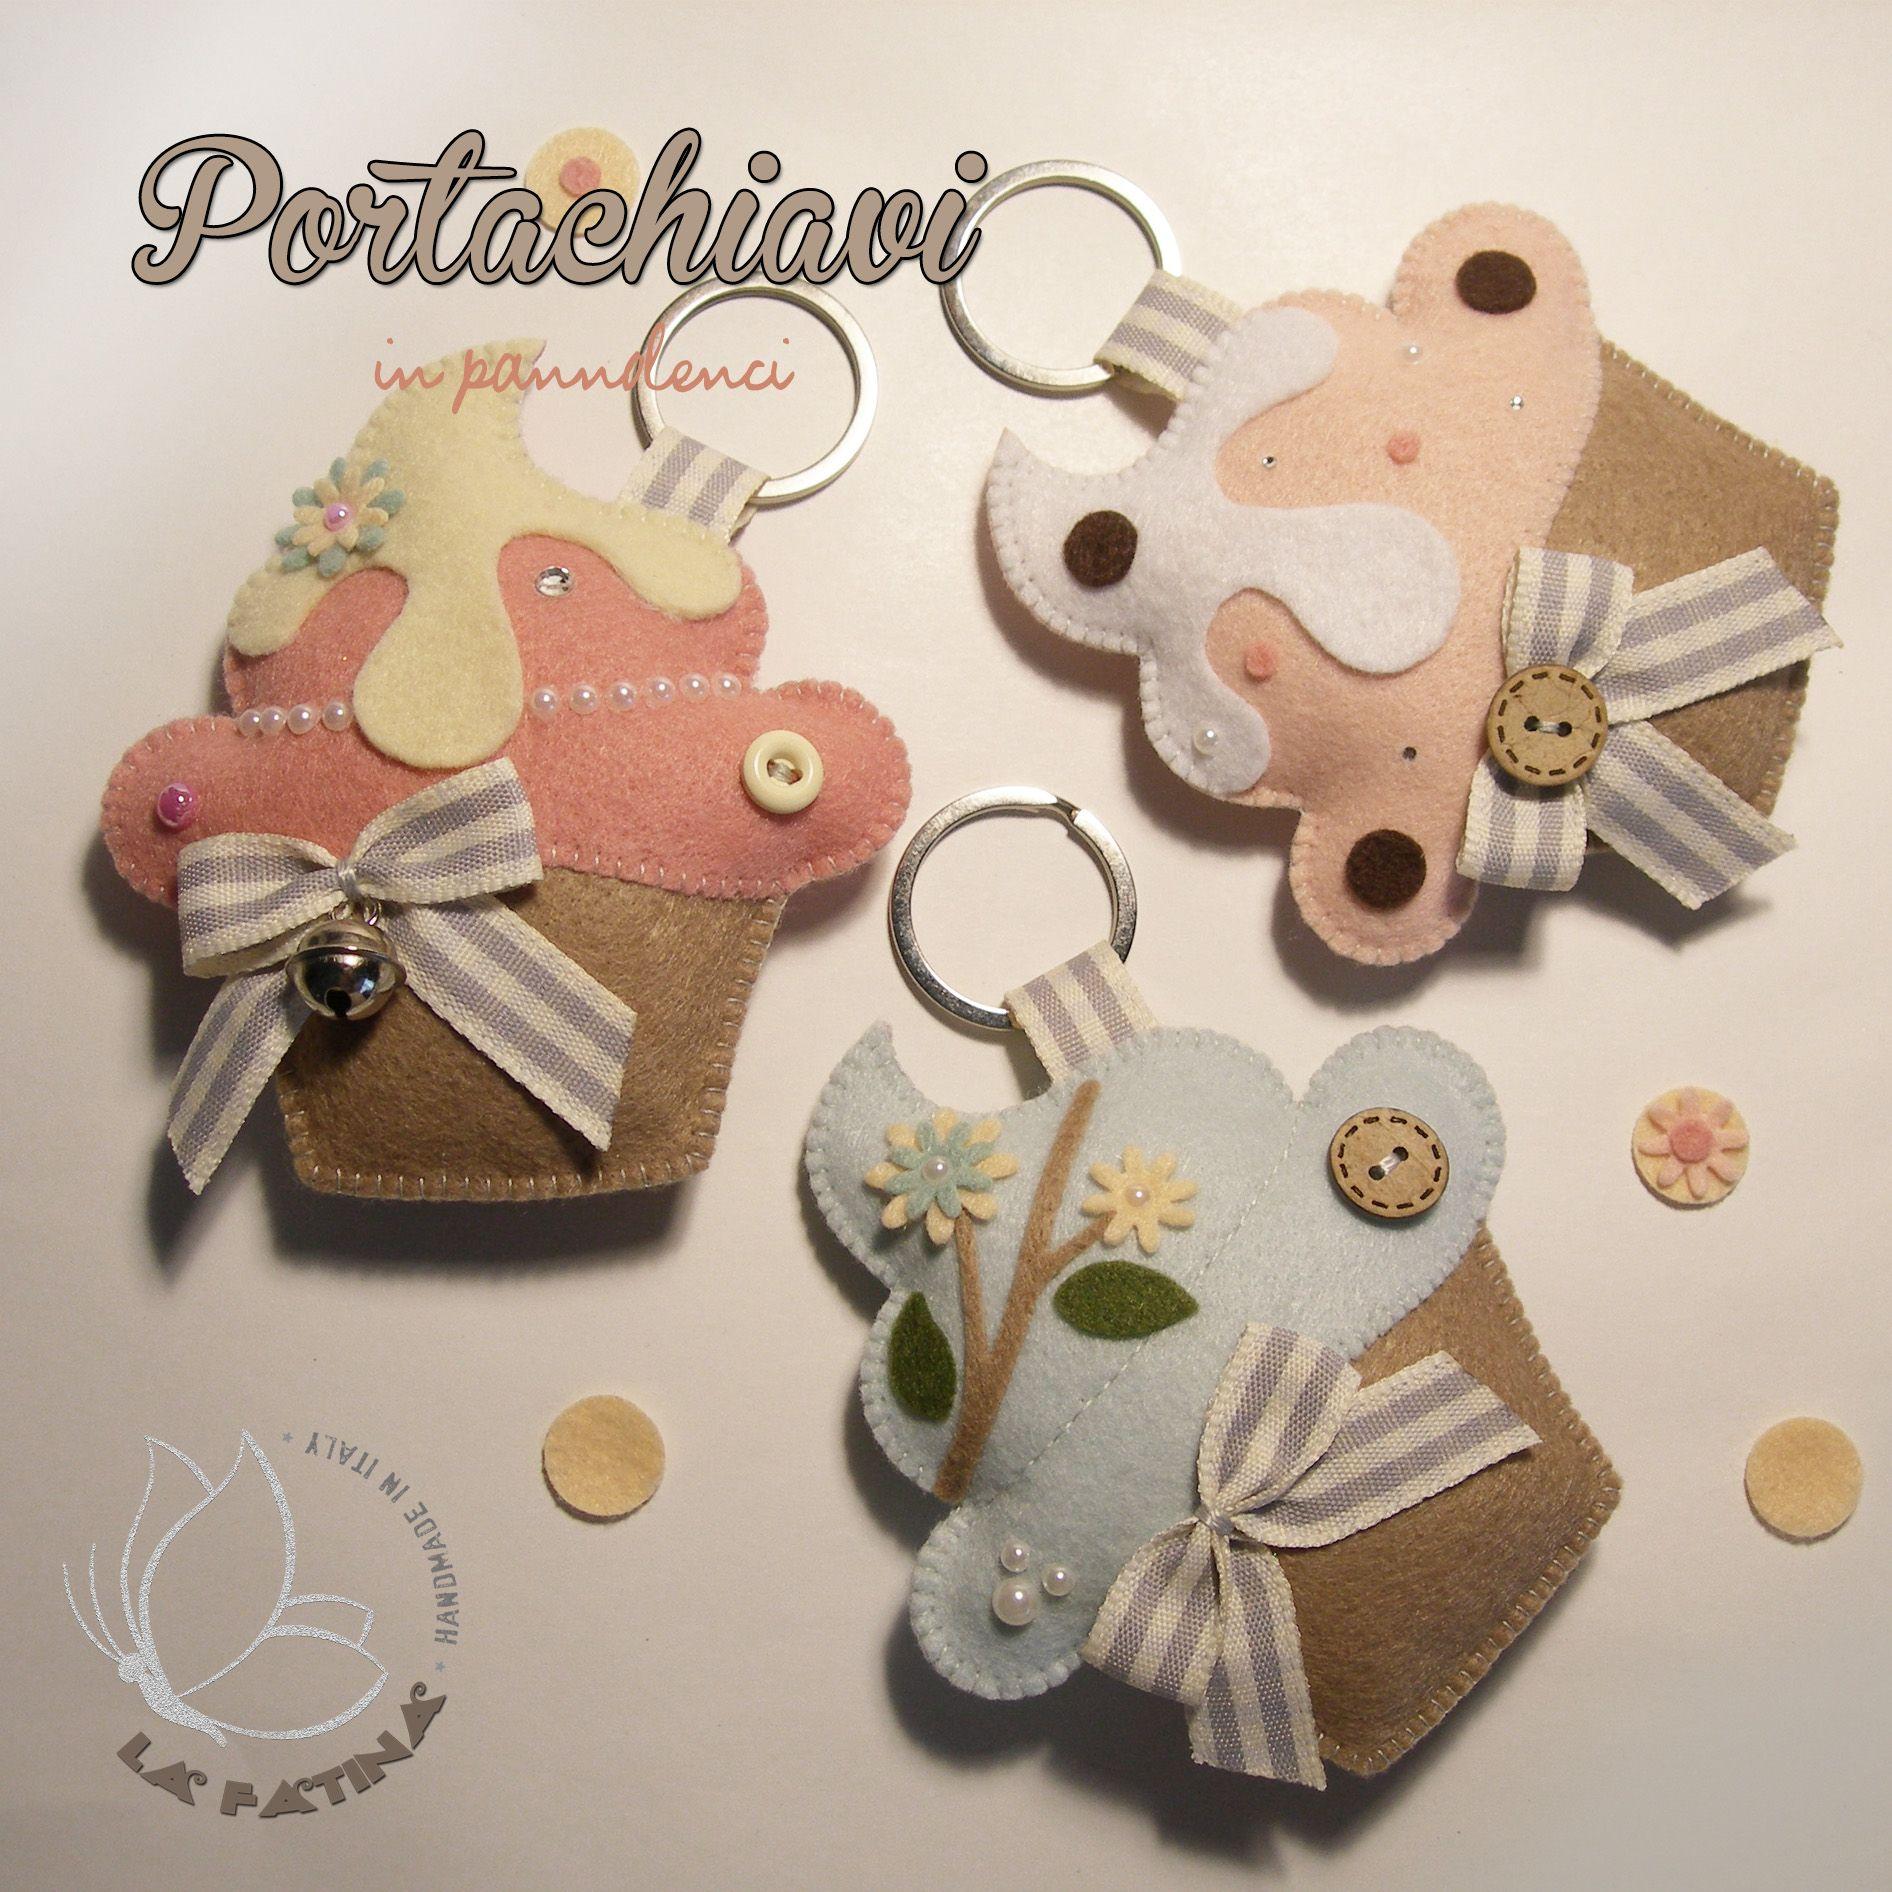 Portachiavi in pannolenci a forma di cupcake progetti da for Portachiavi pannolenci